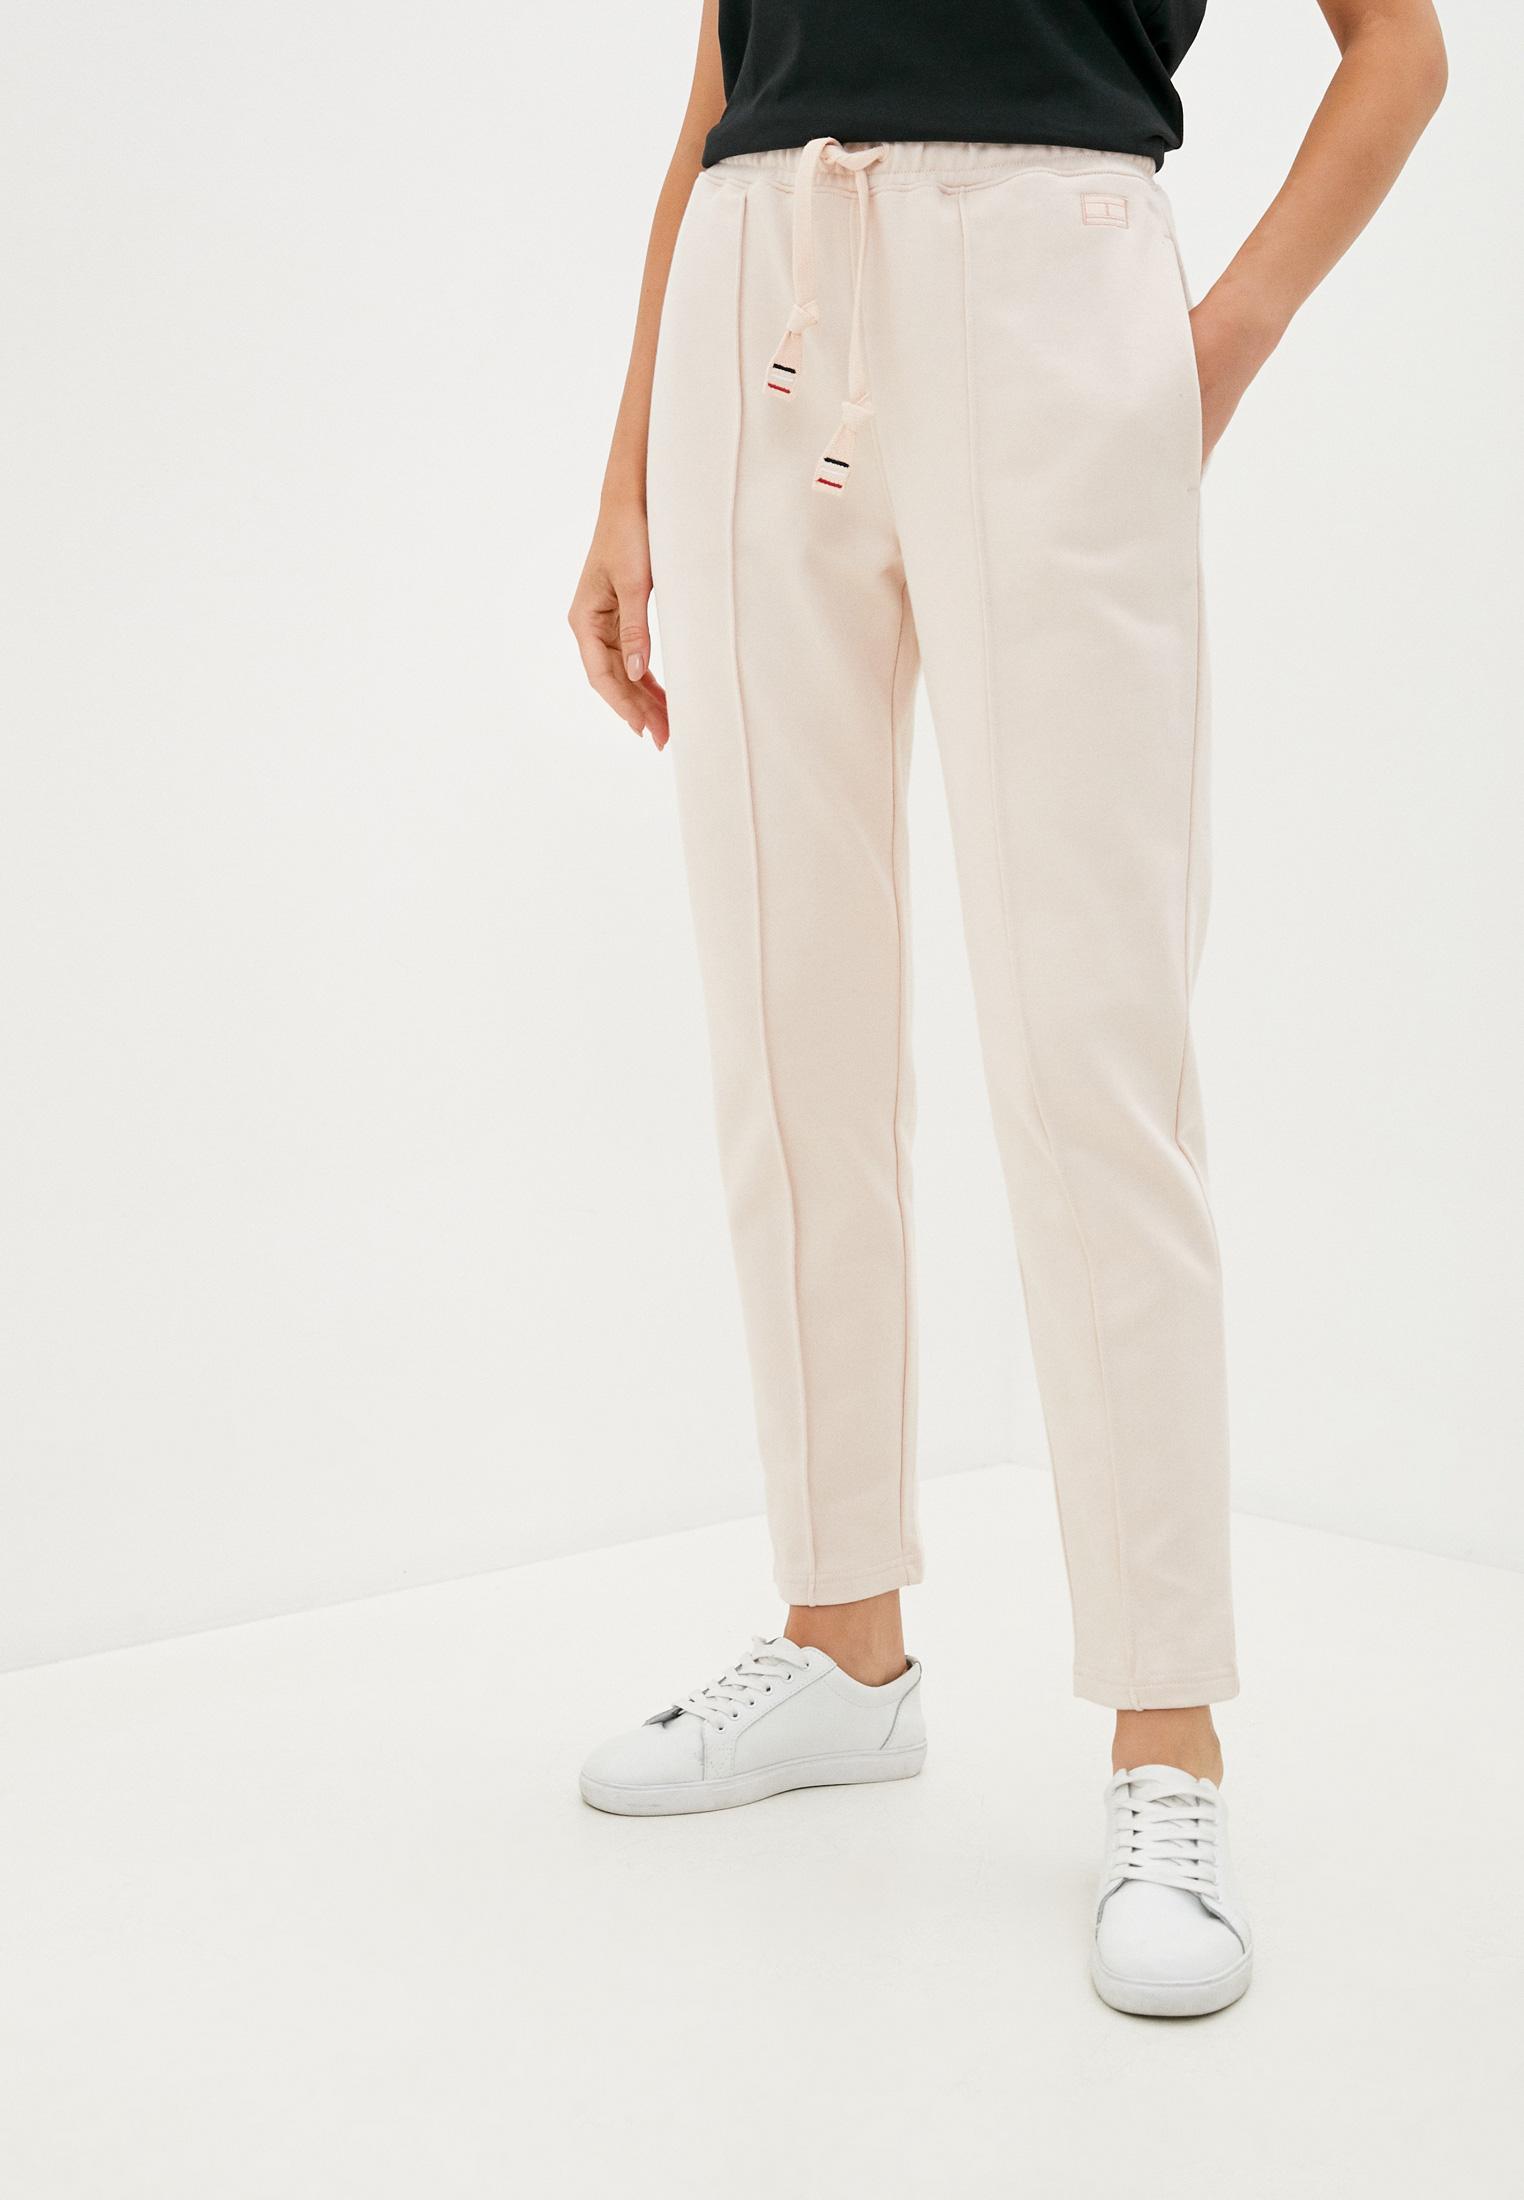 Женские спортивные брюки Tommy Hilfiger (Томми Хилфигер) WW0WW28324